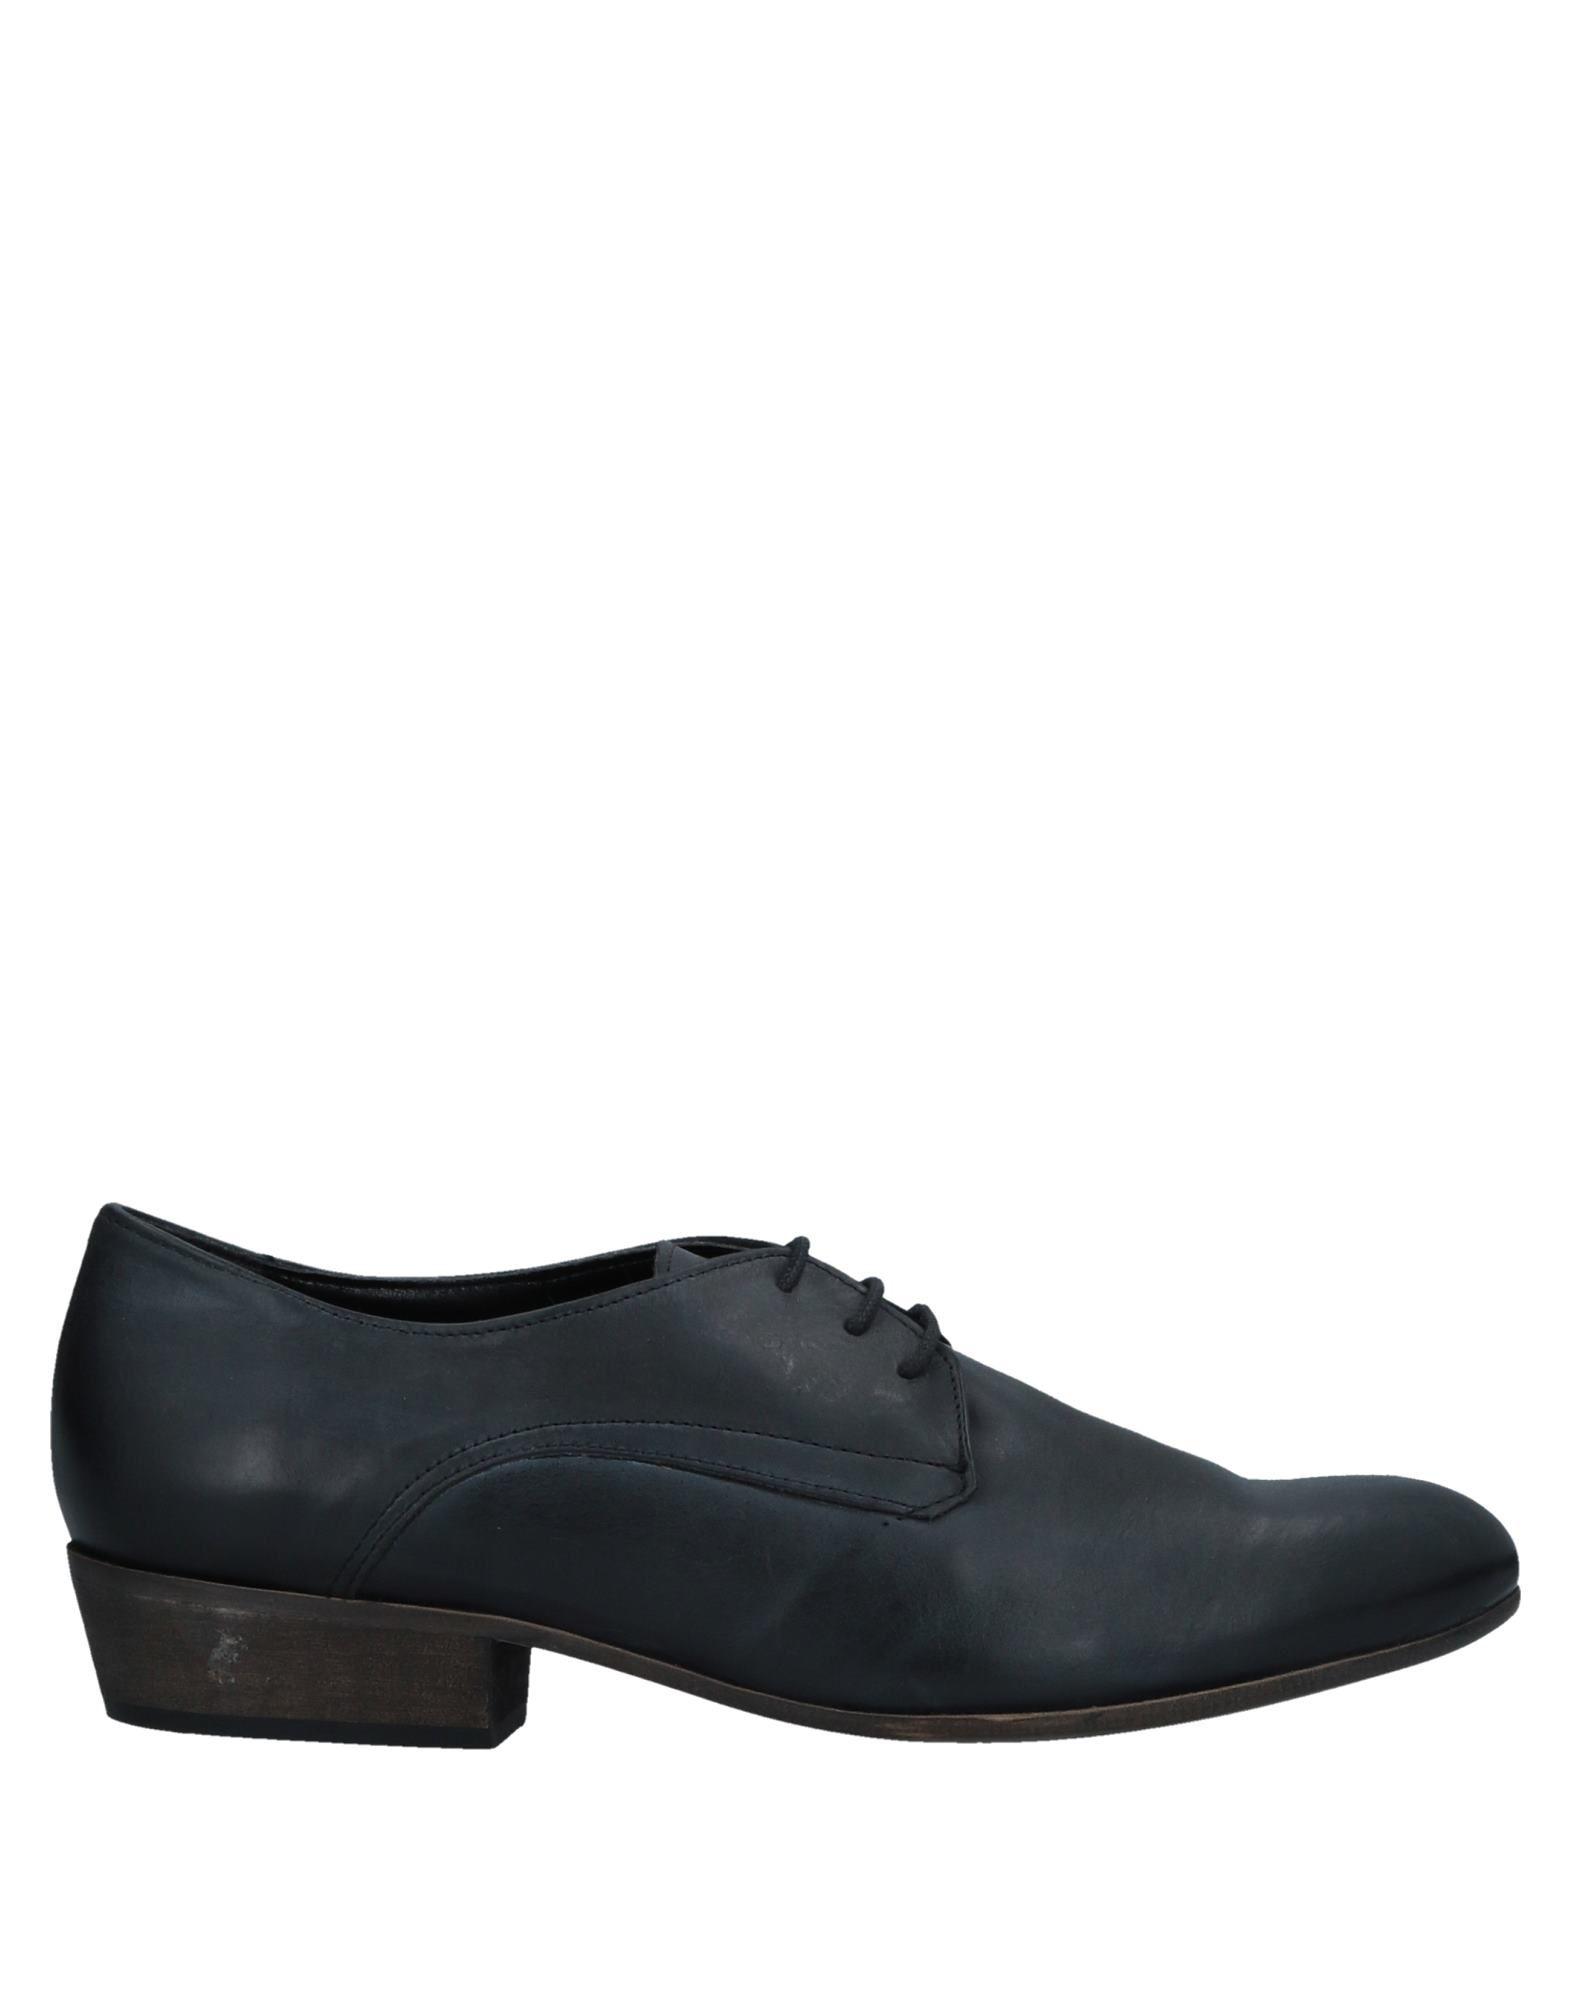 Фото - CHOCOLÀ Обувь на шнурках обувь на высокой платформе dkny